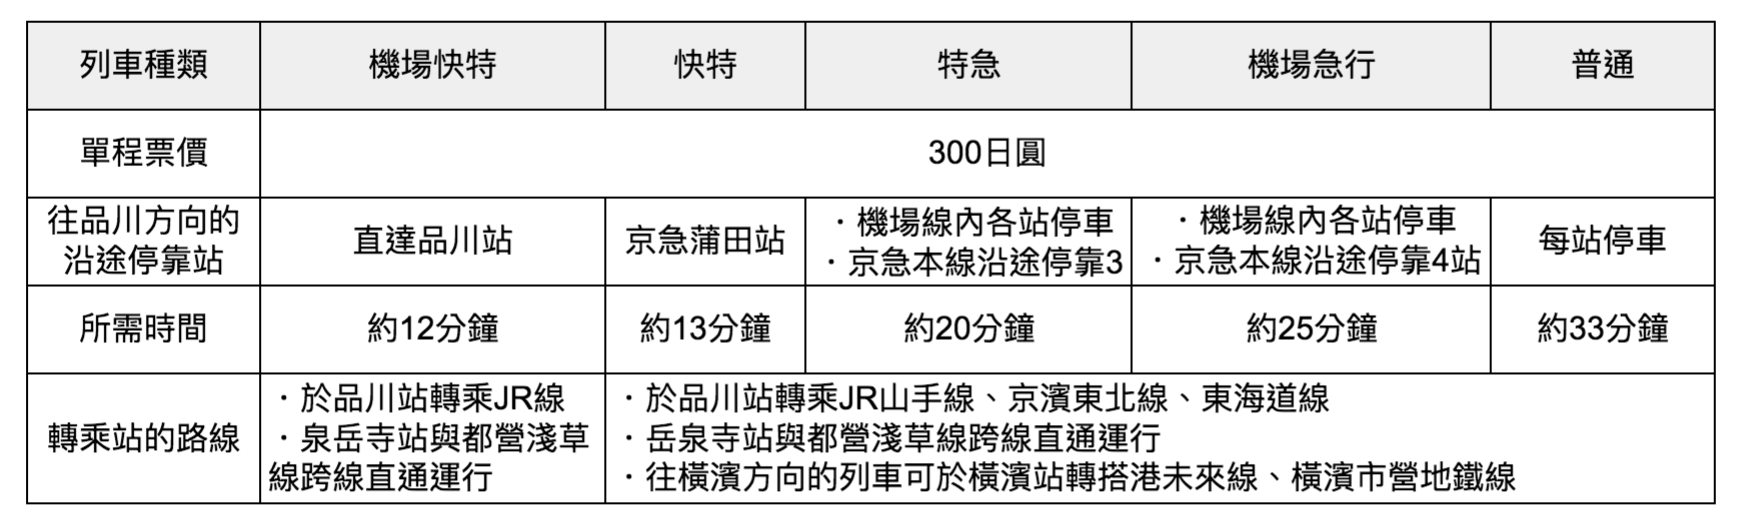 京急電鐵列車種類比較表